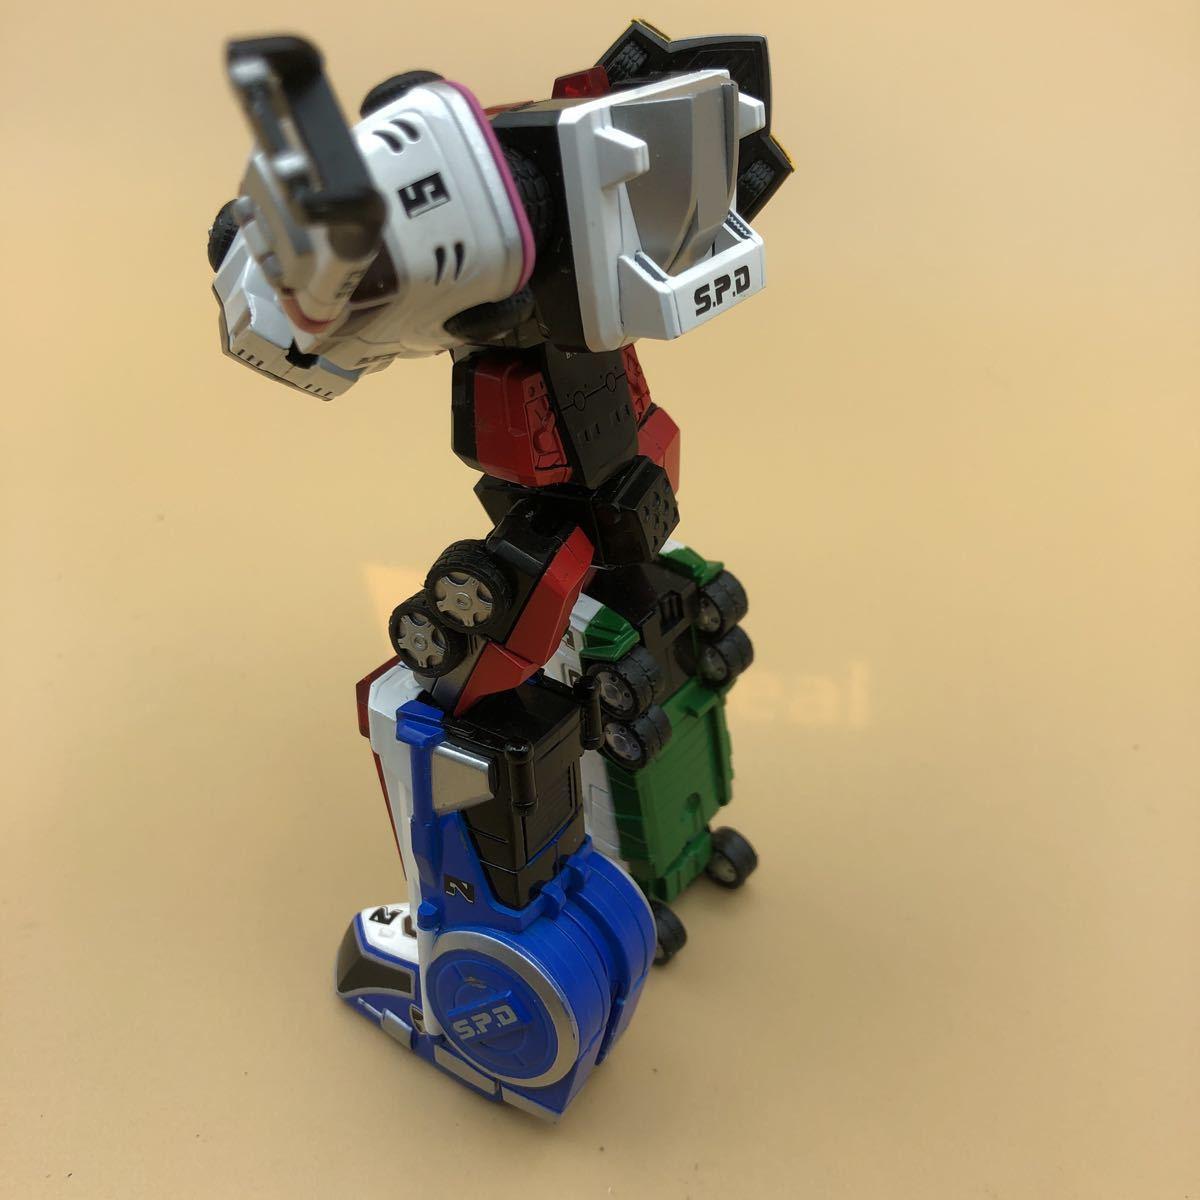 戦隊シリーズ スーパーロボット超合金 特捜戦隊デカレンジャー デカレンジャーロボ パーツ欠損有_画像4